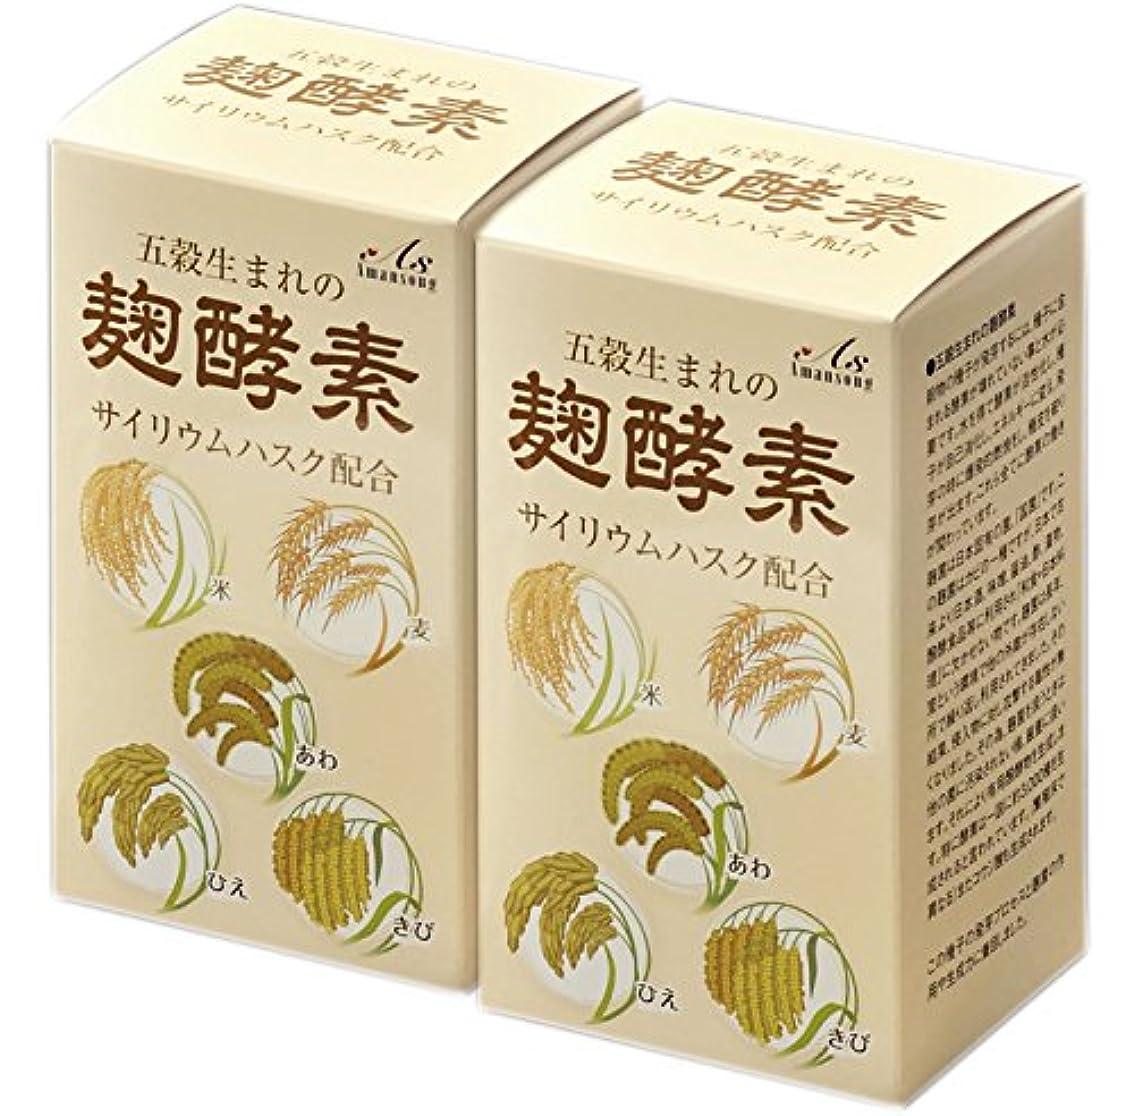 憂鬱な拡散する障害A?S 2箱セット五穀生まれの麹酵素 更に1箱プレゼント、更に「活きてる酵素だし」1袋プレゼント